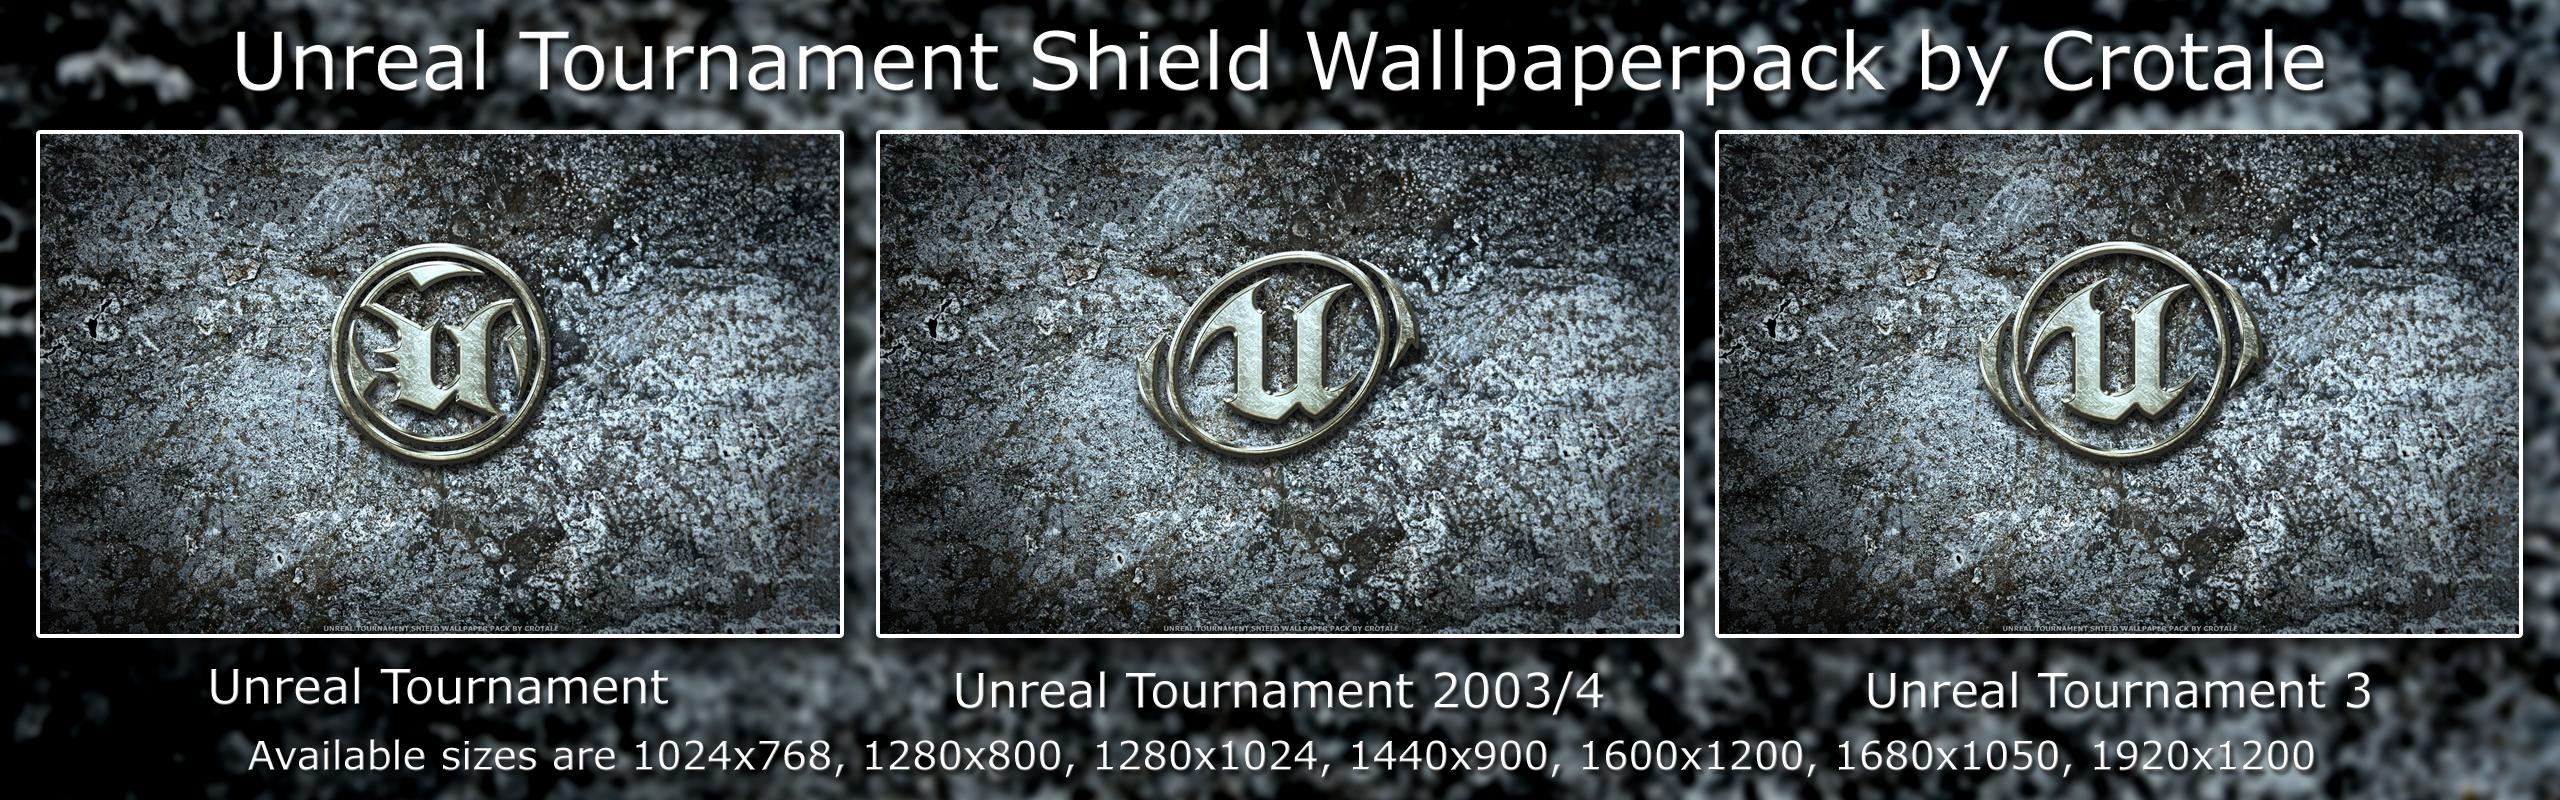 UT Shields Wallpaper Pack